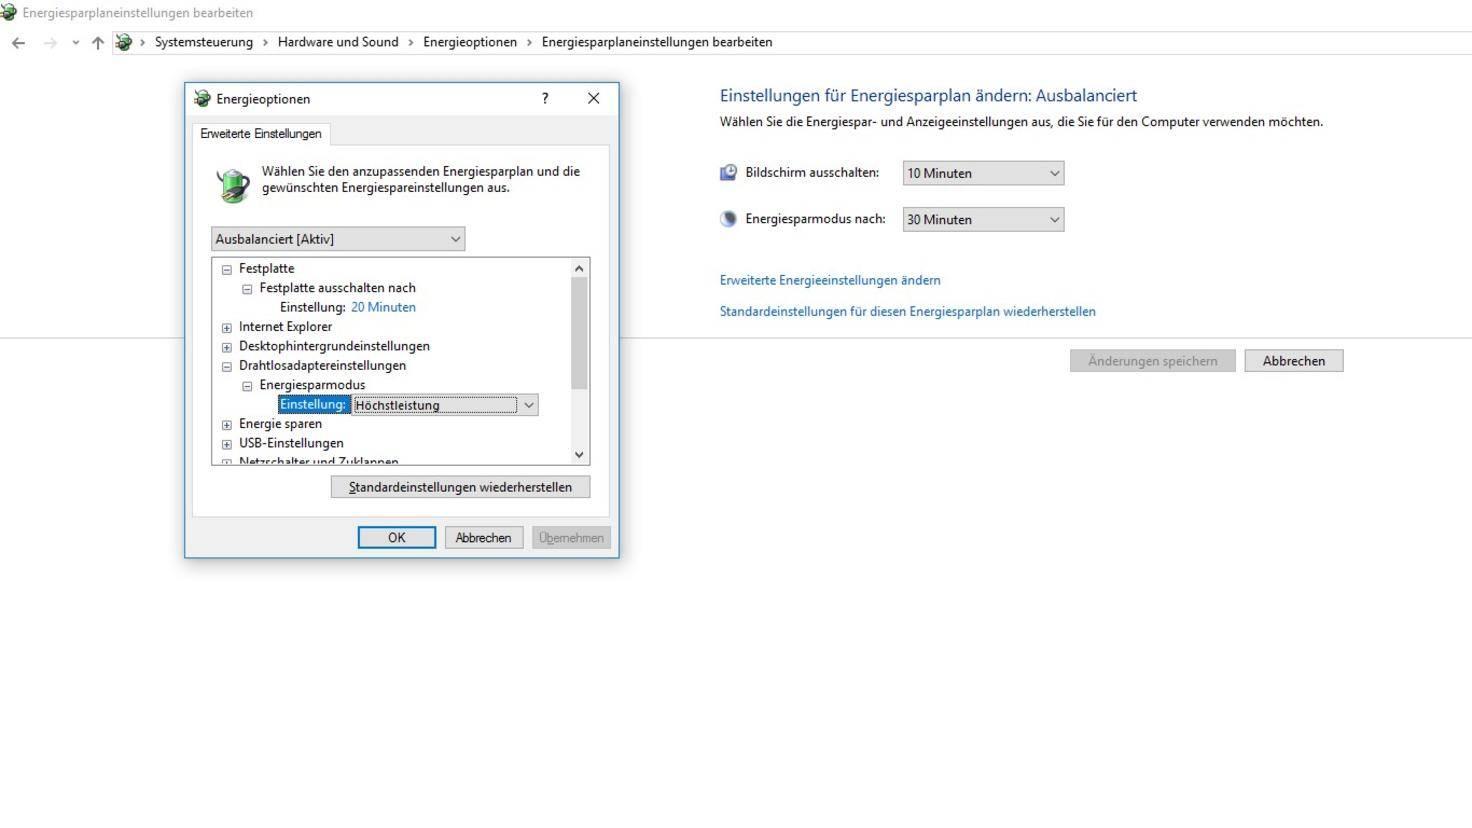 Windows 10 Energieeinstellungen Drahtlosadapter WLAN.jpg